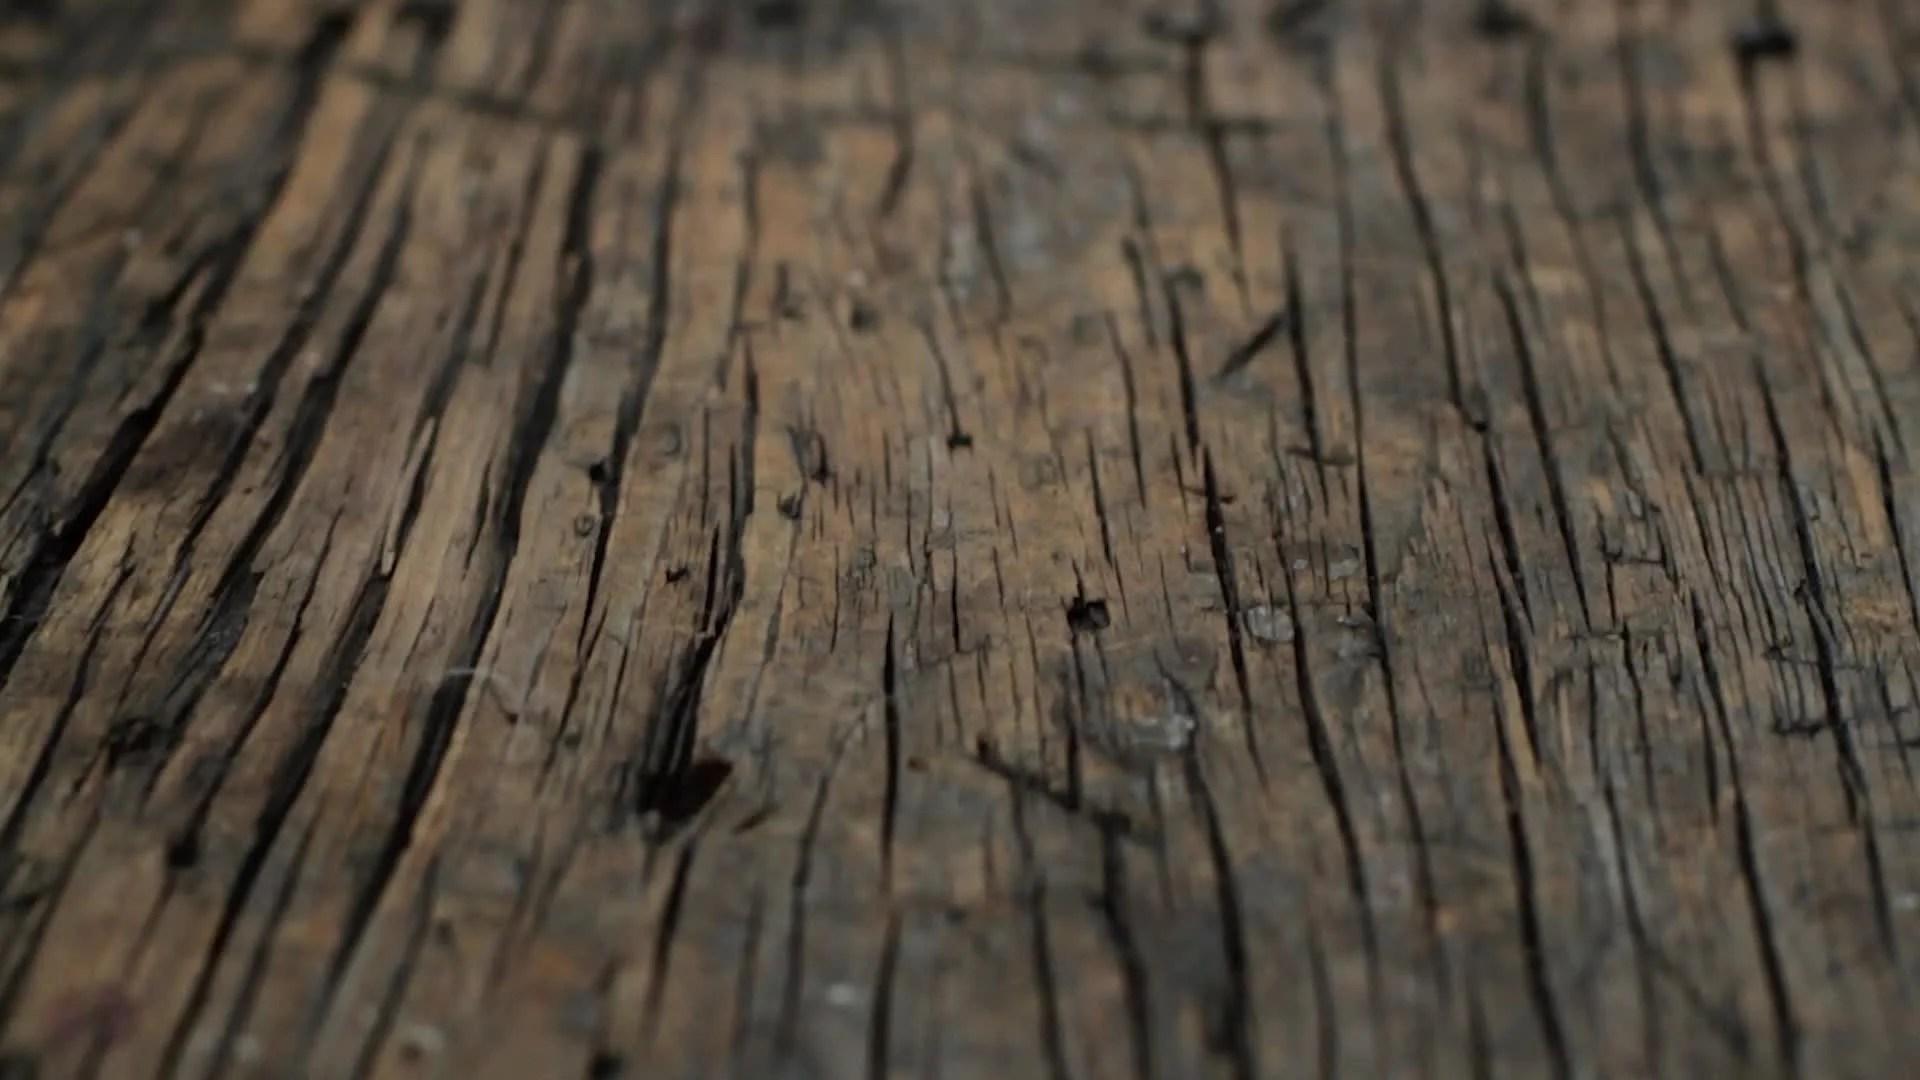 Drift Car Wallpaper Hd Video Primitive Driftwood Texture Rough Wood Surface